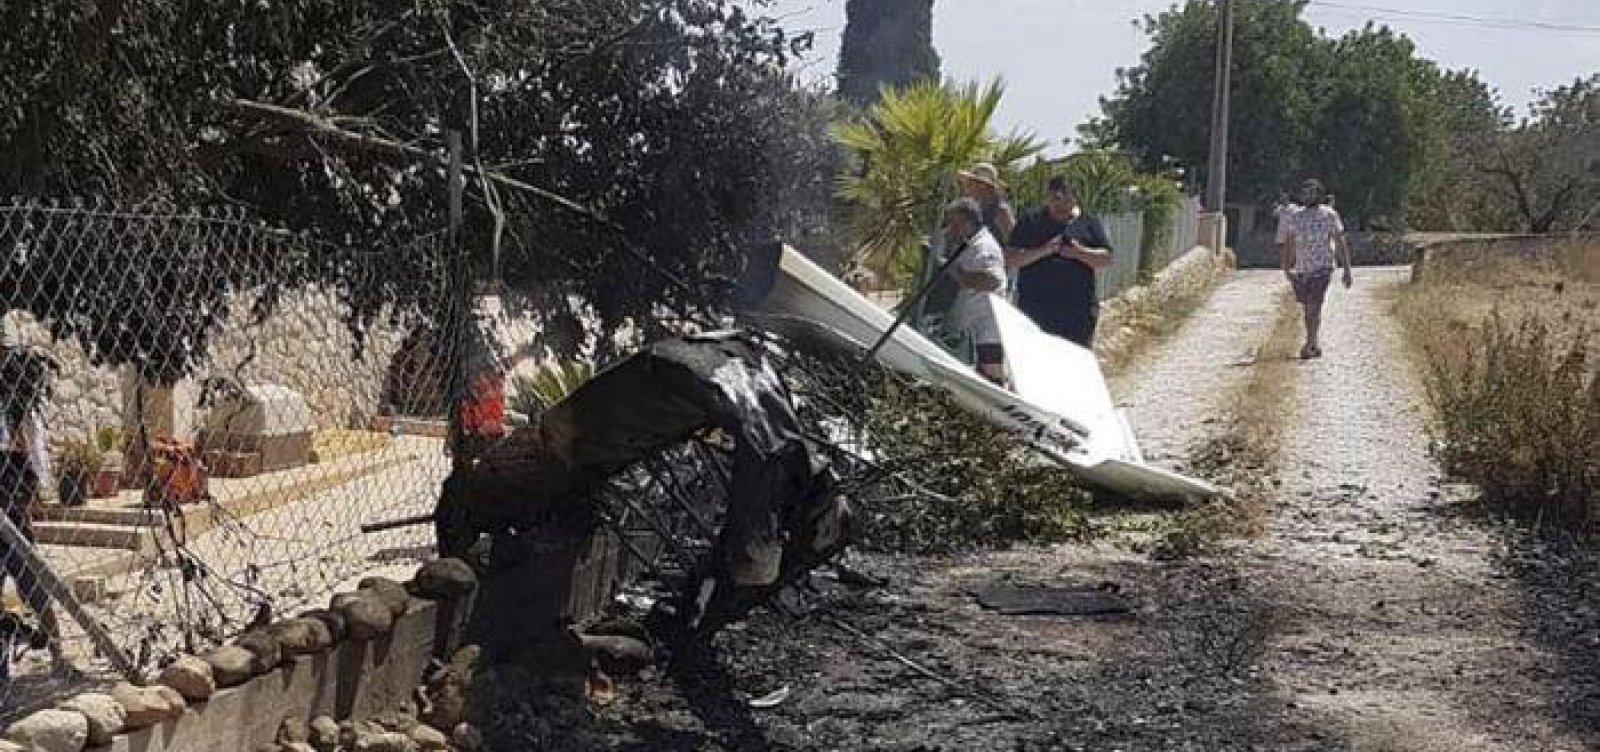 [Colisão entre helicóptero e ultraleve deixa sete mortos na Espanha]